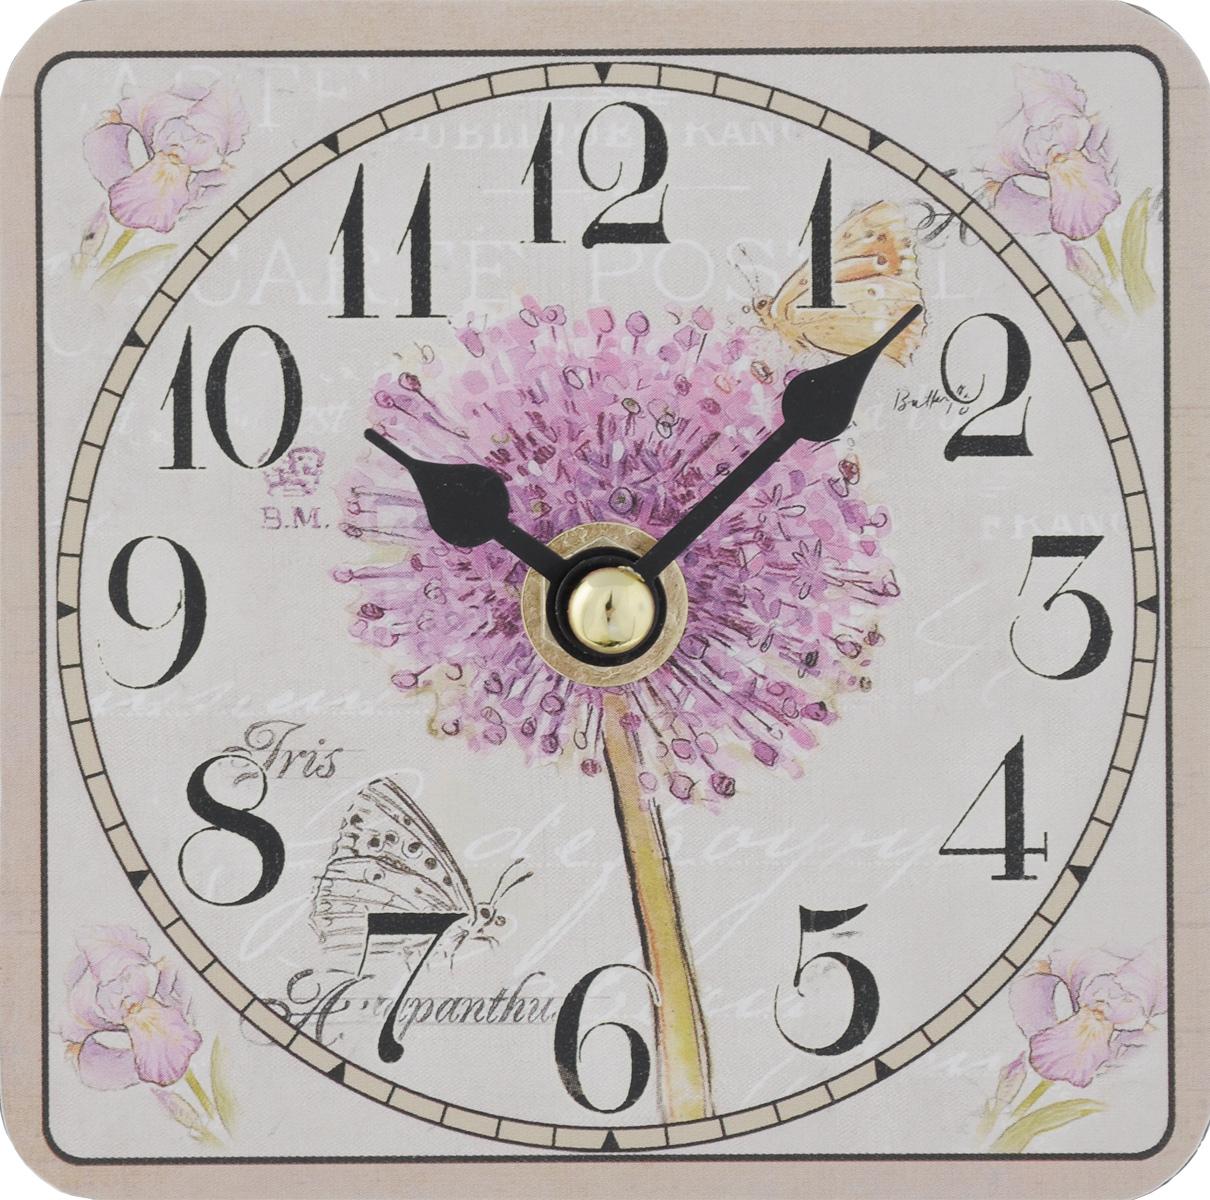 Часы настольные Феникс-Презент Цветение, 10 х 10 см40731Настольные часы квадратной формы Феникс-Презент Цветение своим эксклюзивным дизайном подчеркнут оригинальность интерьера вашего дома. Циферблат оформлен изображением цветов. Часы выполнены из МДФ. МДФ (мелкодисперсные фракции) представляет собой плиту из запрессованной вакуумным способом деревянной пыли и является наиболее экологически чистым материалом среди себе подобных. Часы имеют две стрелки - часовую и минутную.Настольные часы Феникс-Презент Цветение подходят для кухни, гостиной, прихожей или дачи, а также могут стать отличным подарком для друзей и близких.ВНИМАНИЕ!!! Часы работают от сменной батареи типа АА 1,5V (в комплект не входит).